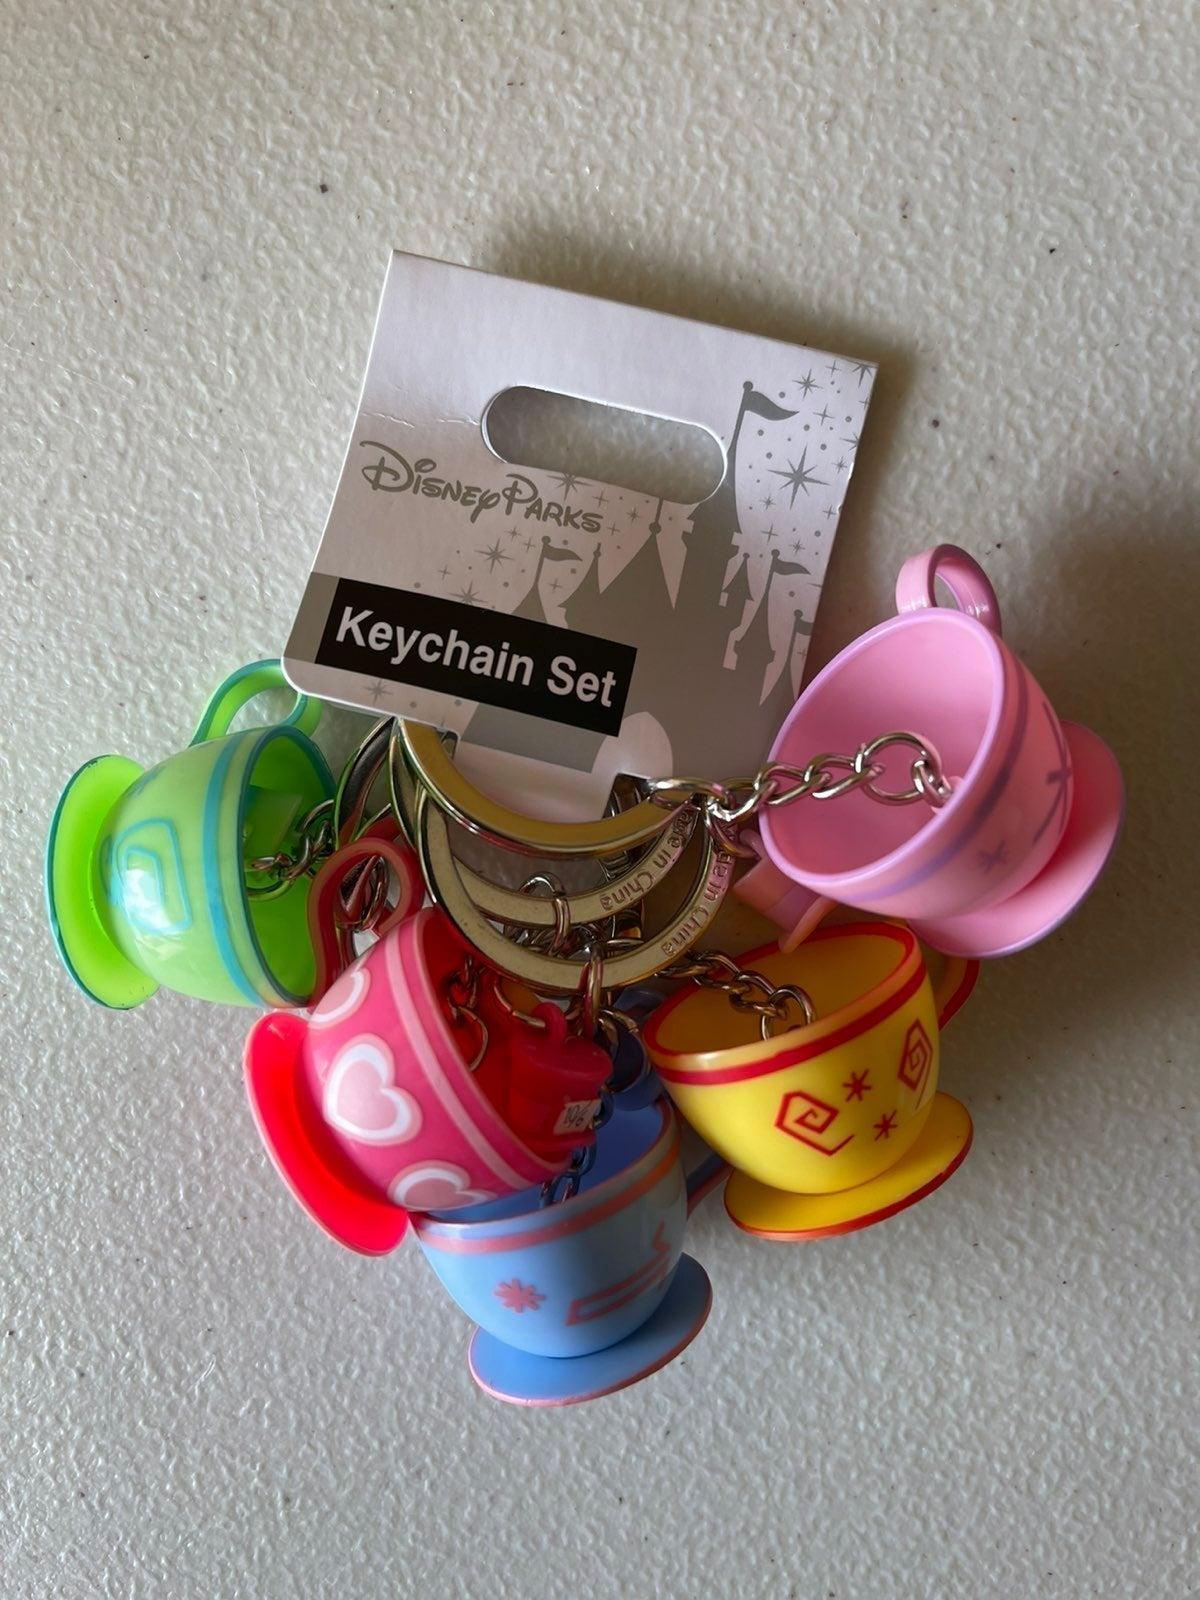 Alice Wonderland Teacup Keychain Set